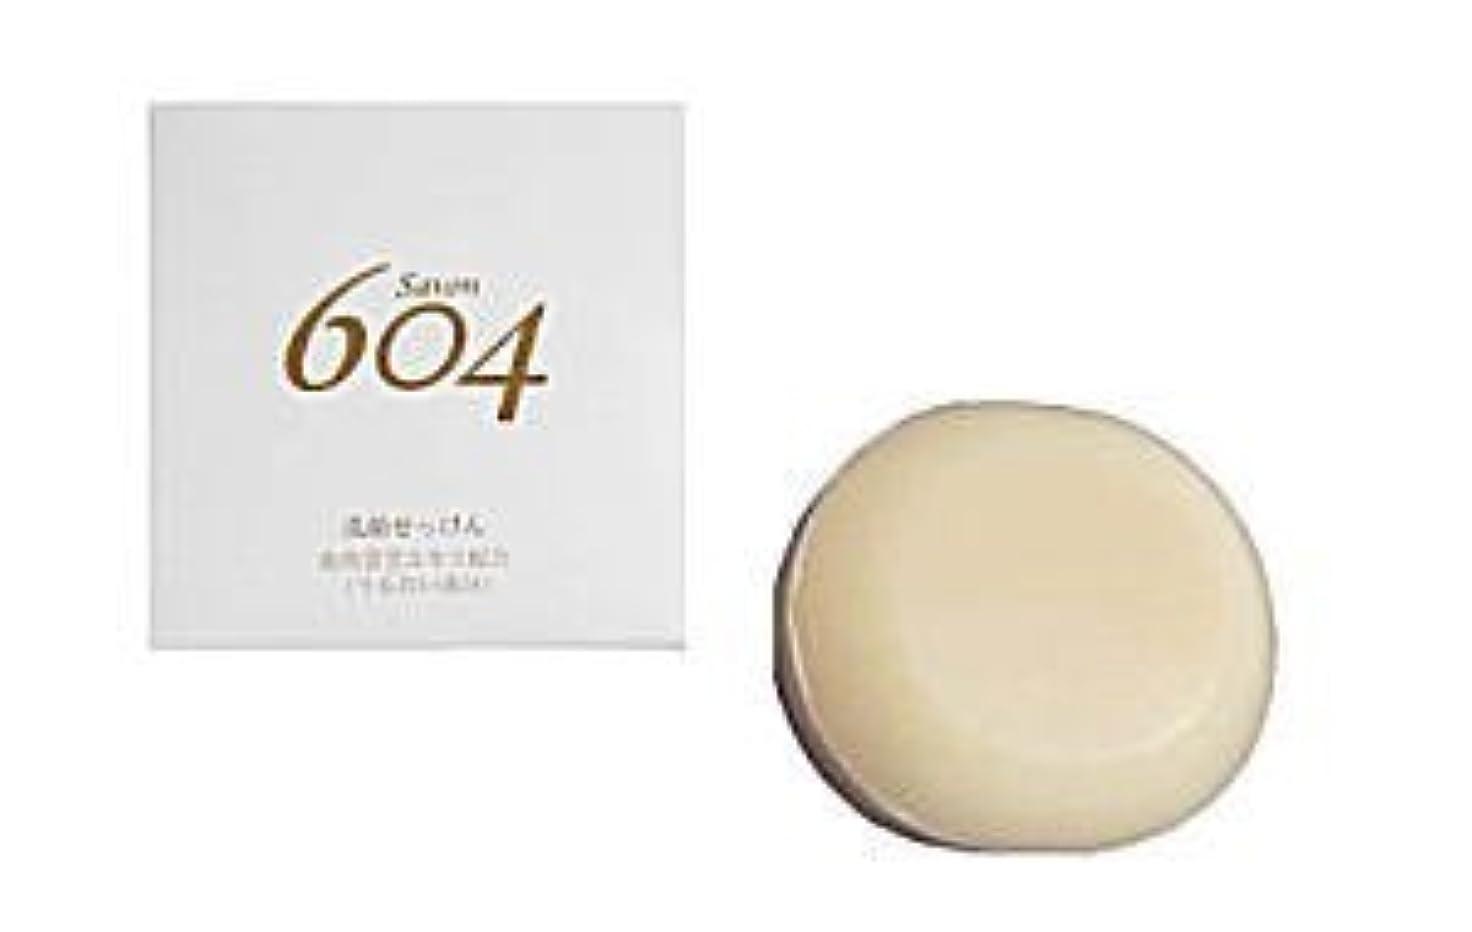 資格情報おっといらいらさせる保湿ソープ604(洗顔石鹸) 鹿角零芝エキス配合